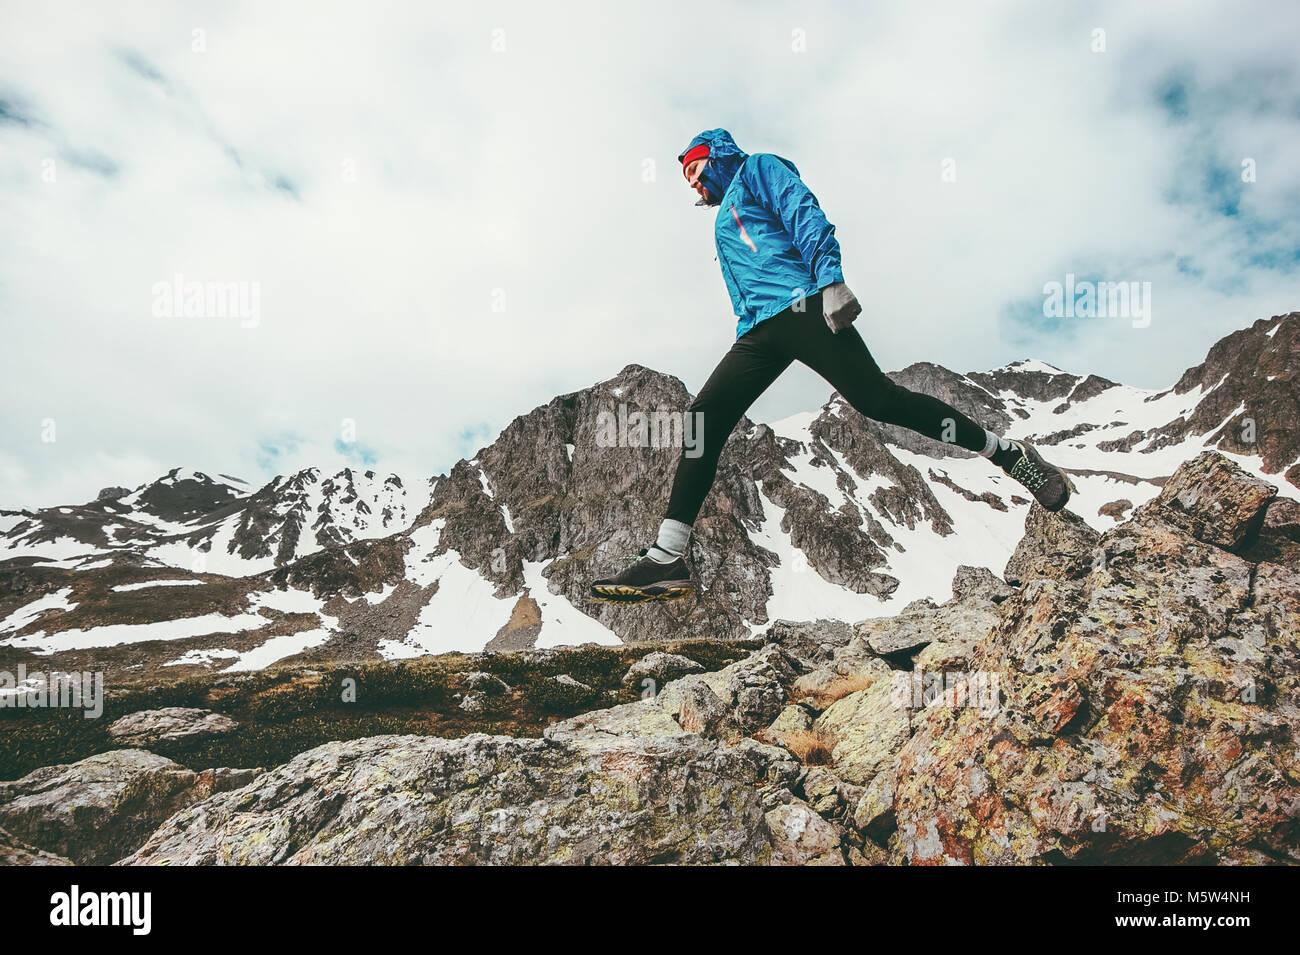 Uomo attivo in esecuzione in montagne avventura di viaggio uno stile di vita sano concetto vacanze persona atletica Immagini Stock